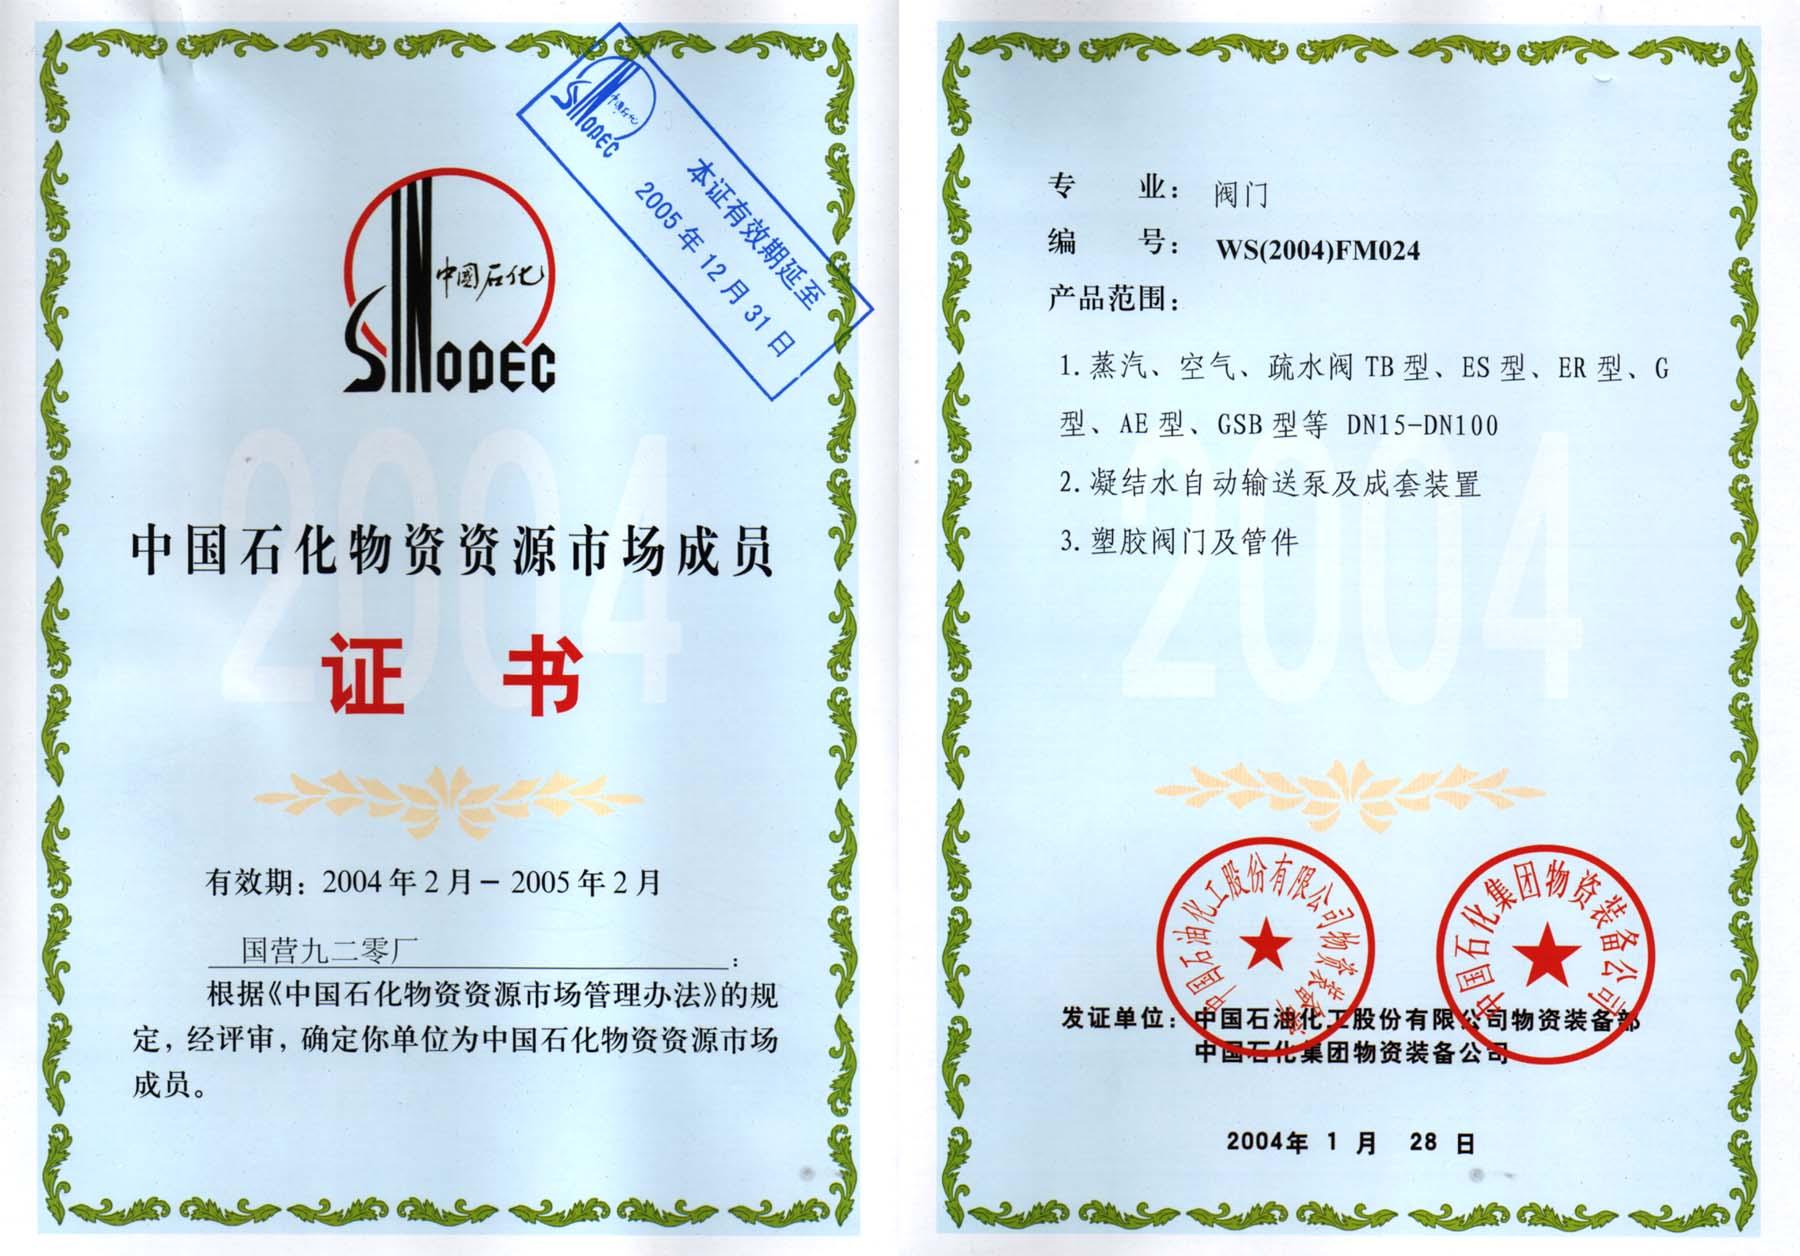 2004年中国石化物资资源市场成